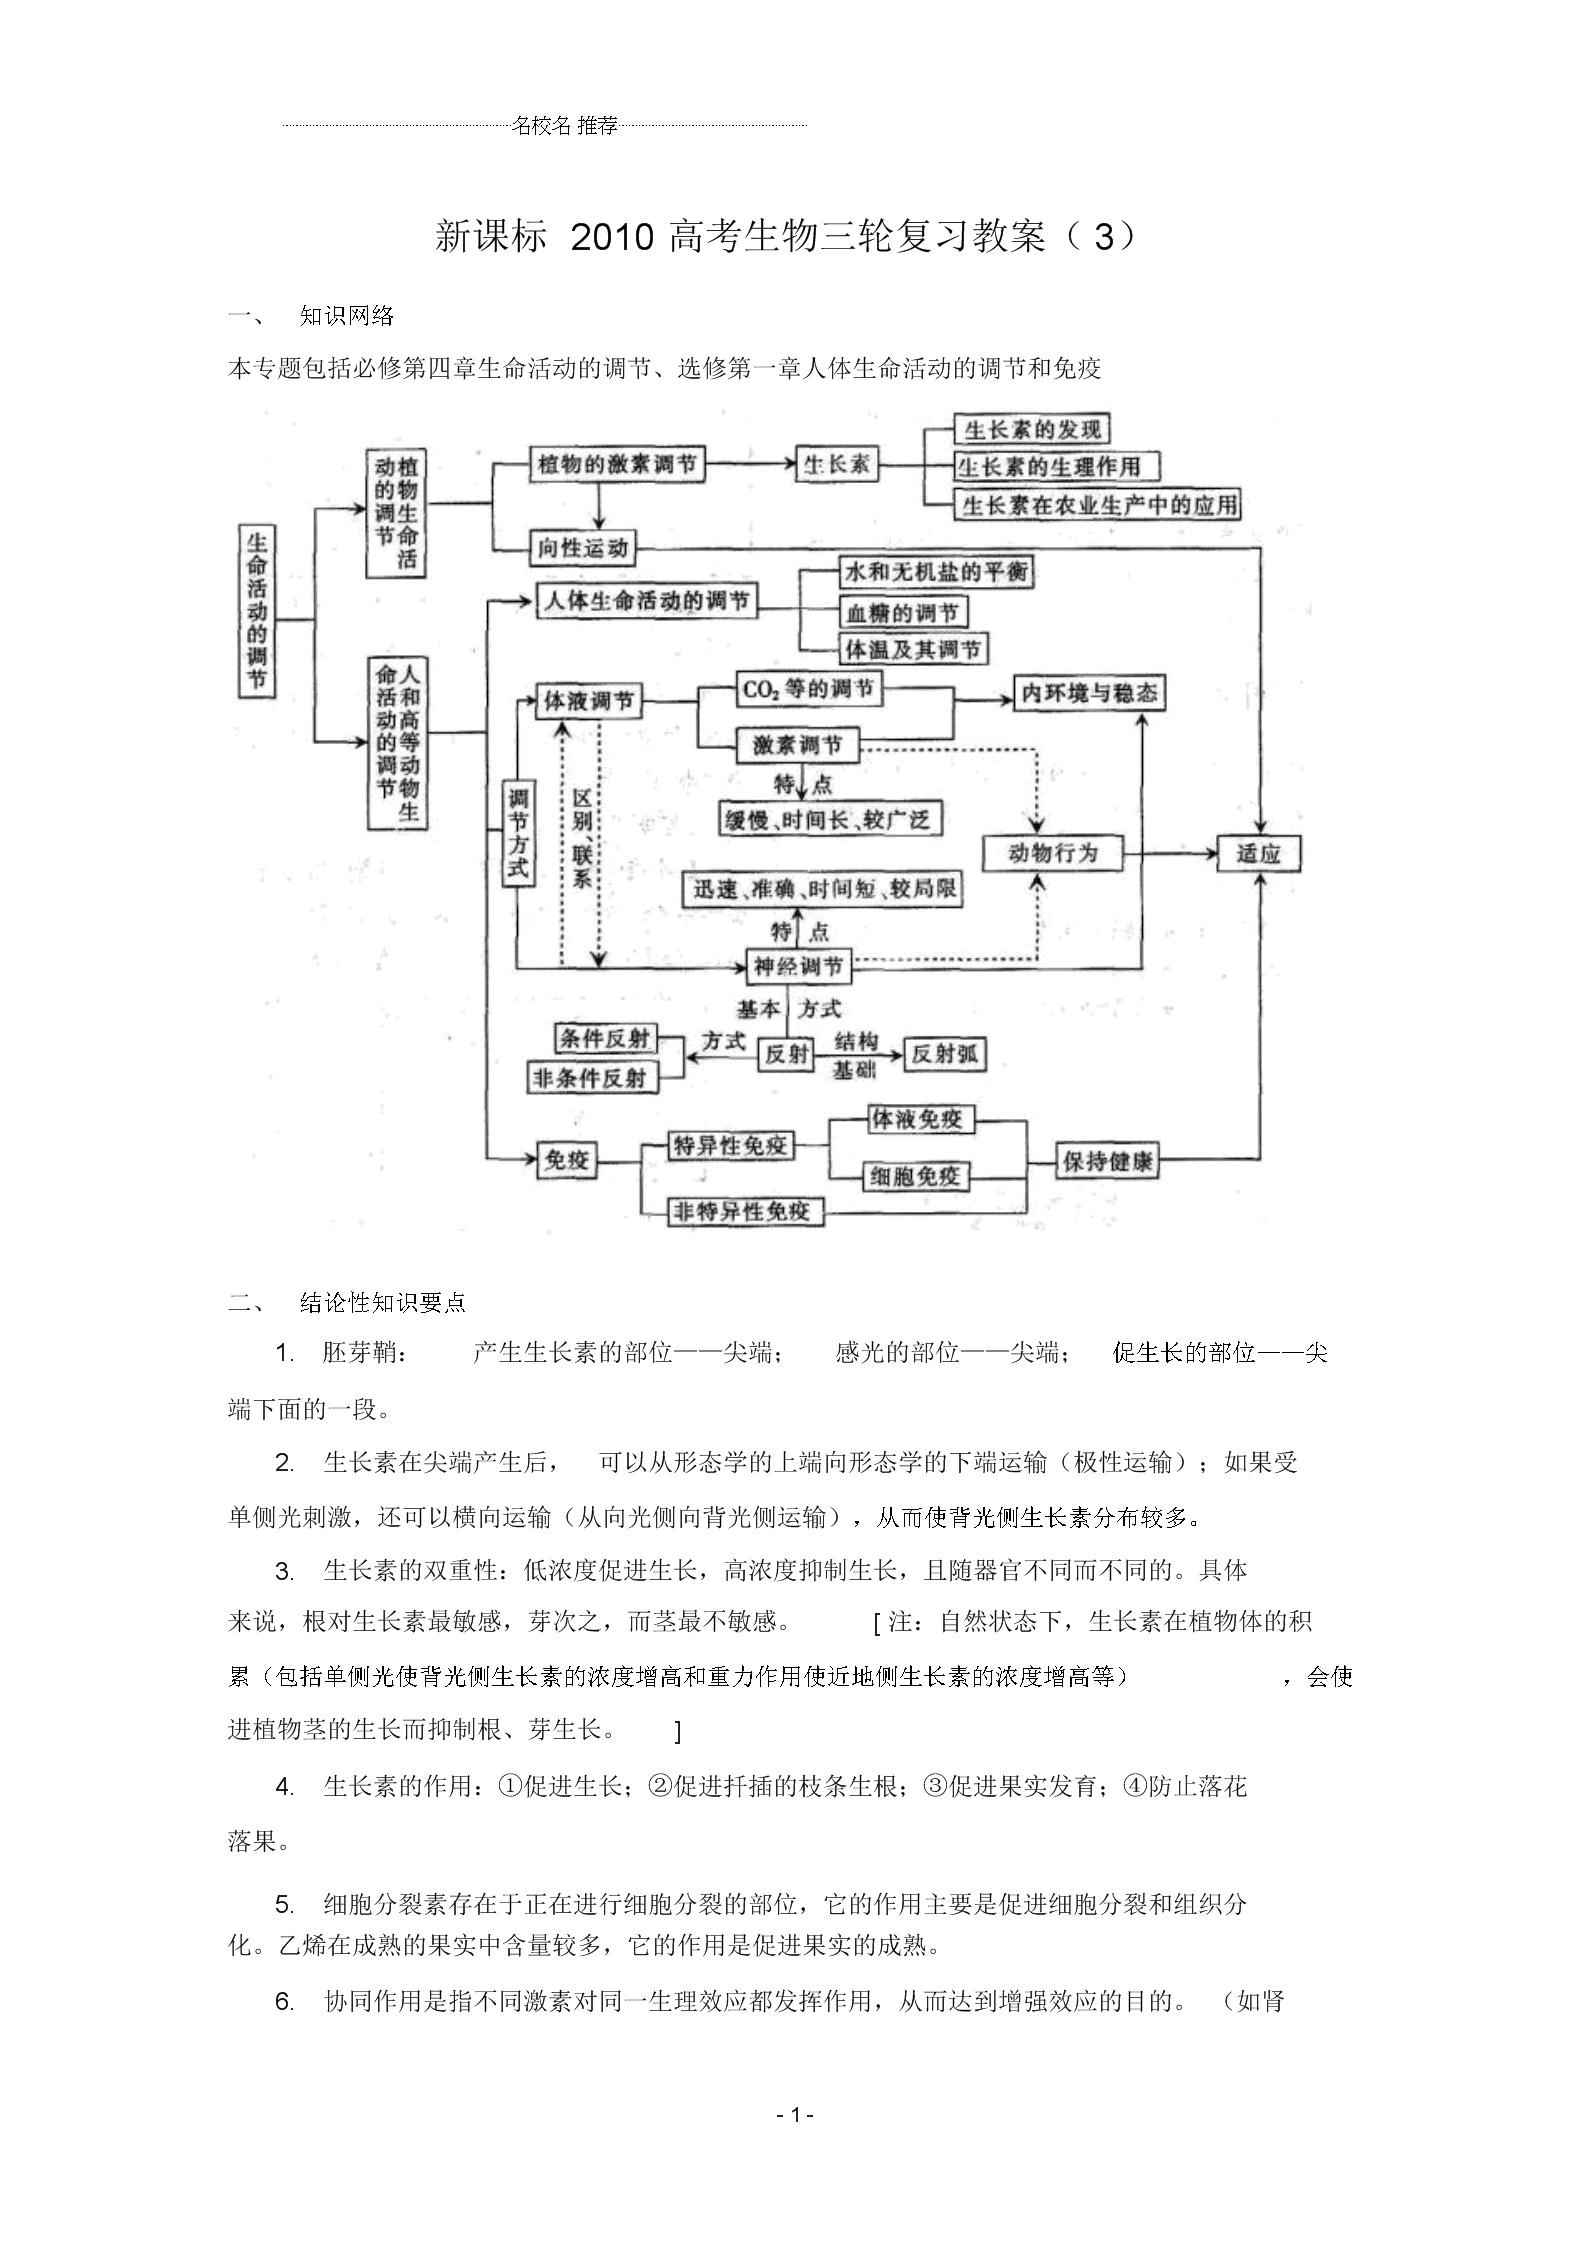 高三生物高考三轮复习名师精选教案(3)新人教版.docx